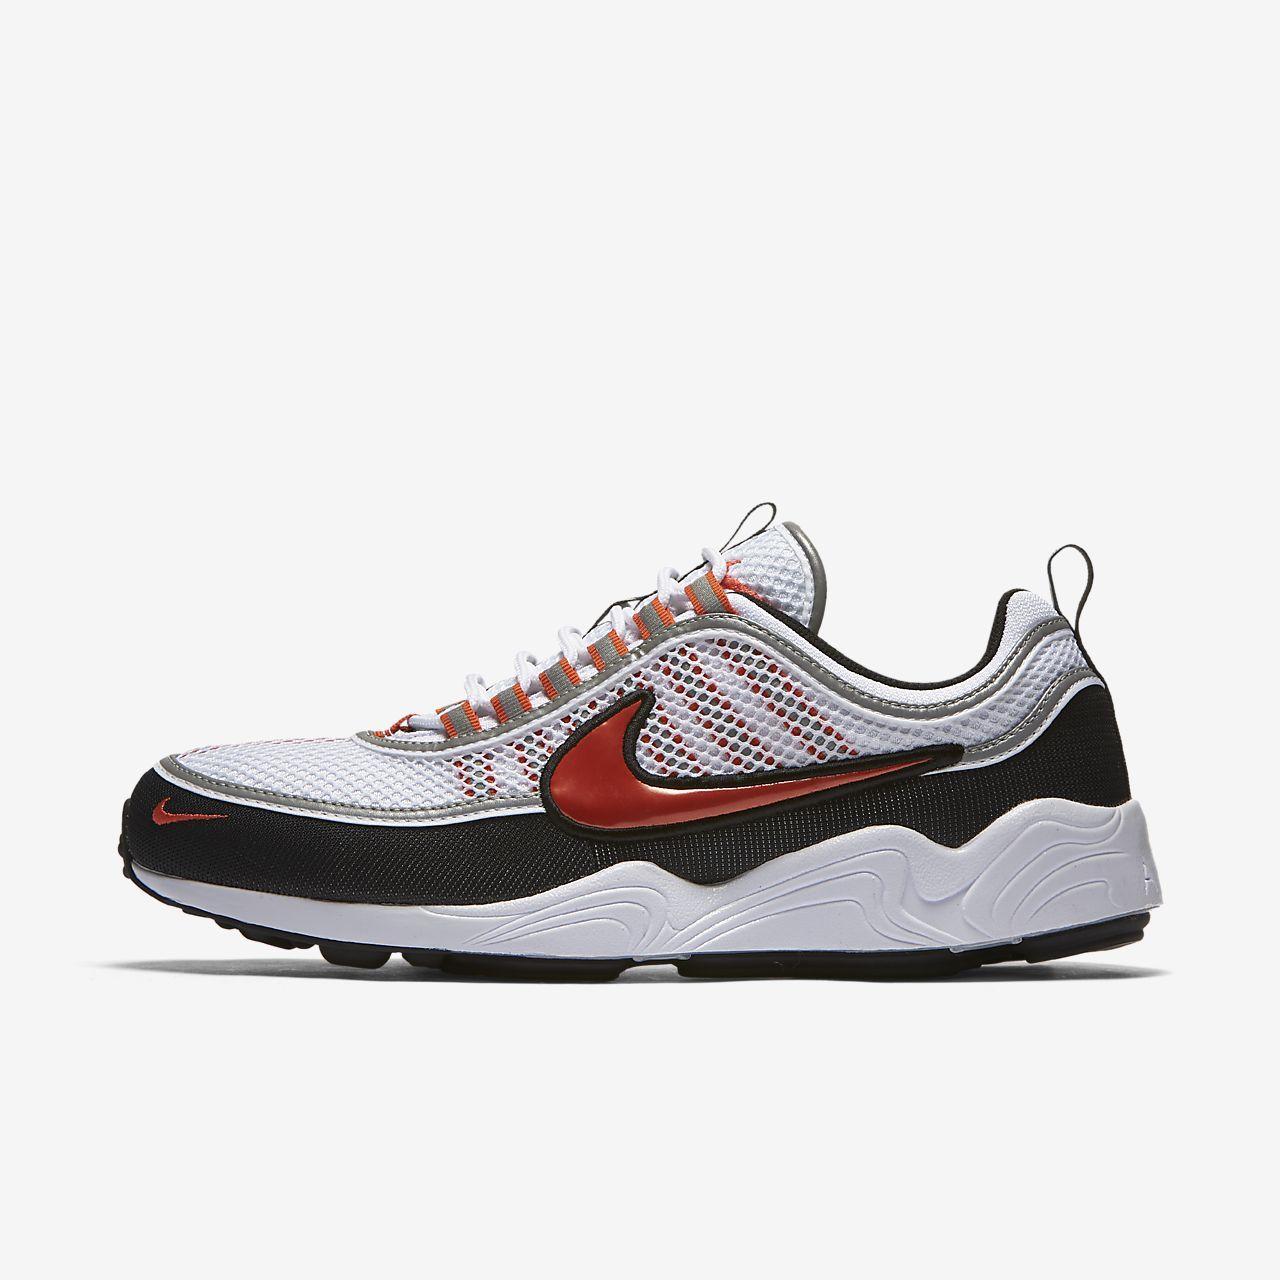 new concept 75e40 ac1e8 Nike Air Zoom Spiridon 16 Mens Shoe